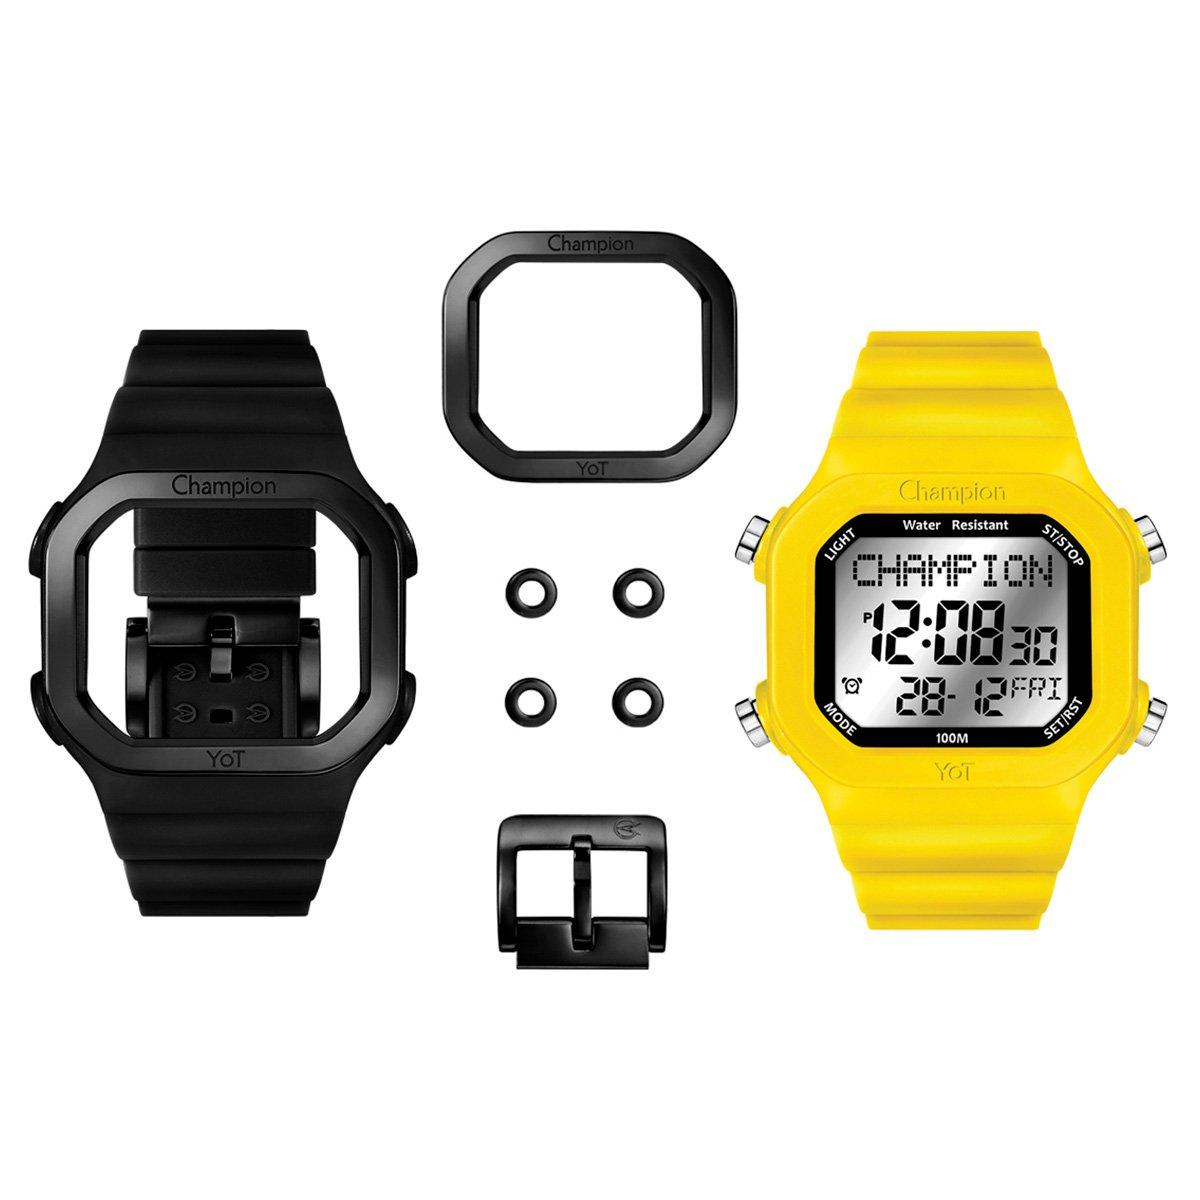 b497538a87f Relógio champion yot i feminino preto e amarelo compre jpg 544x544 Relogio  champion yot